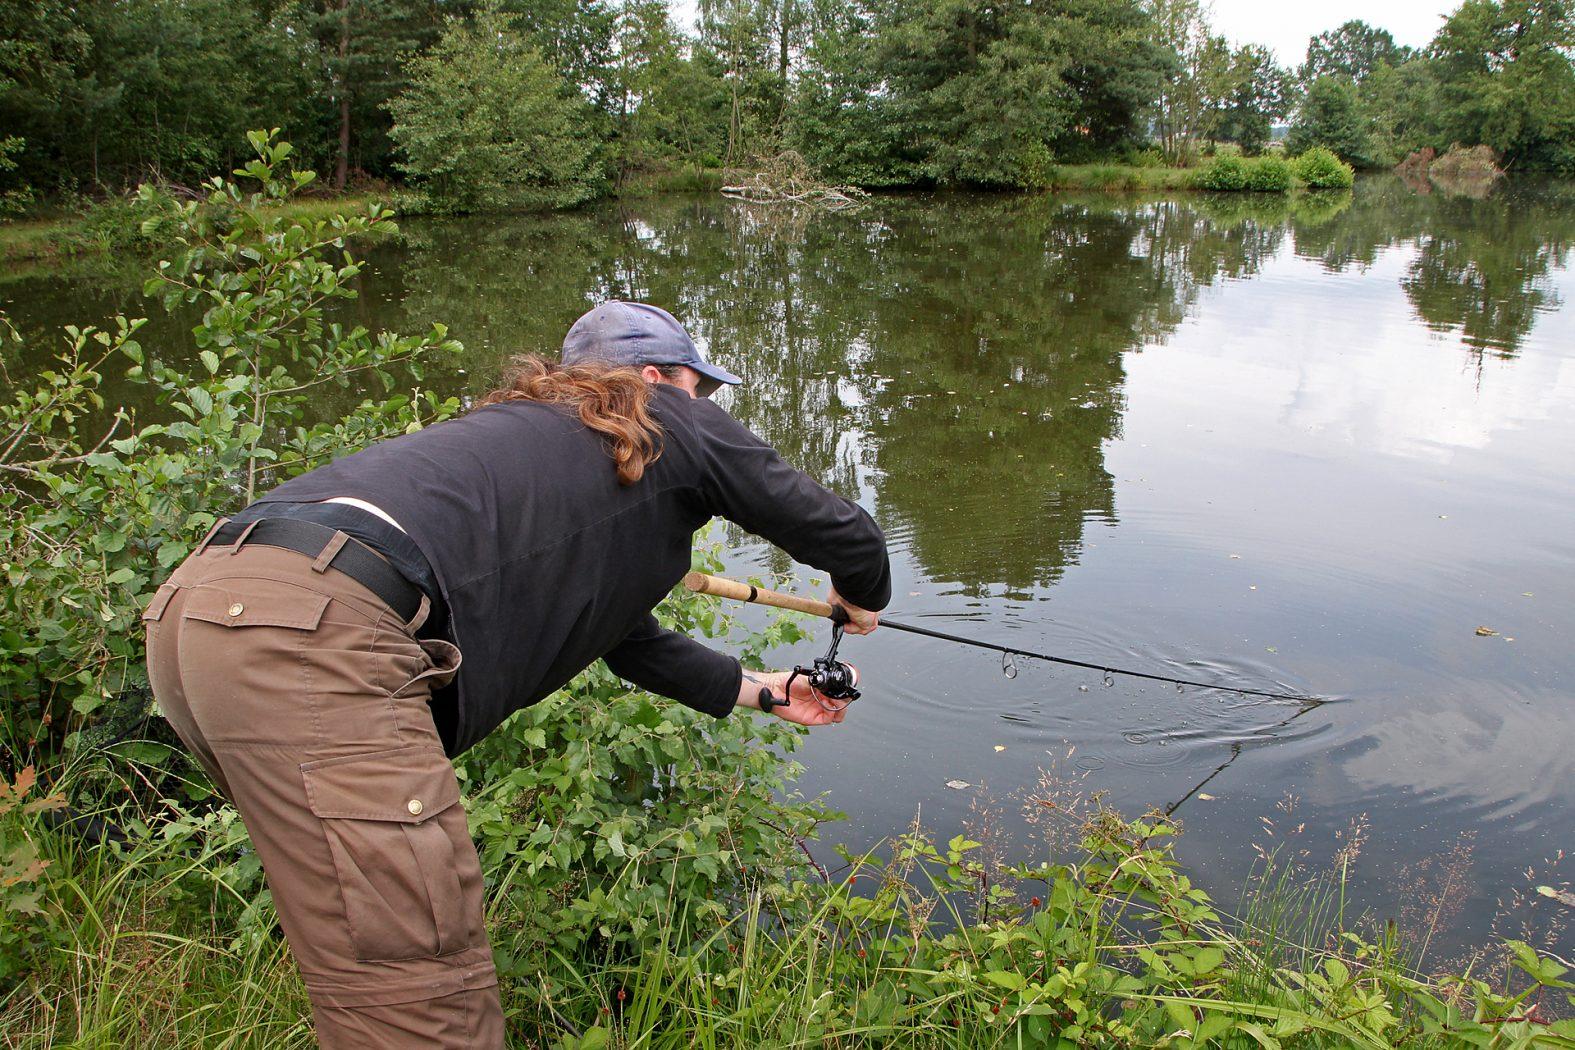 Mit der Posenrute auf Karpfen angeln